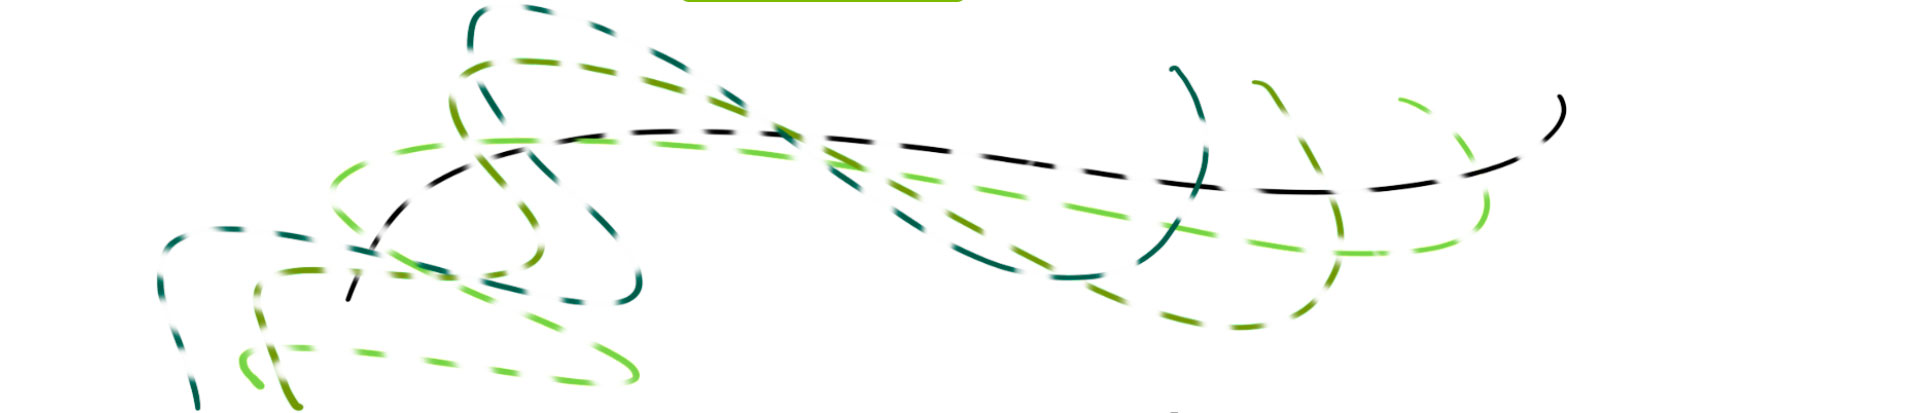 elemento_02